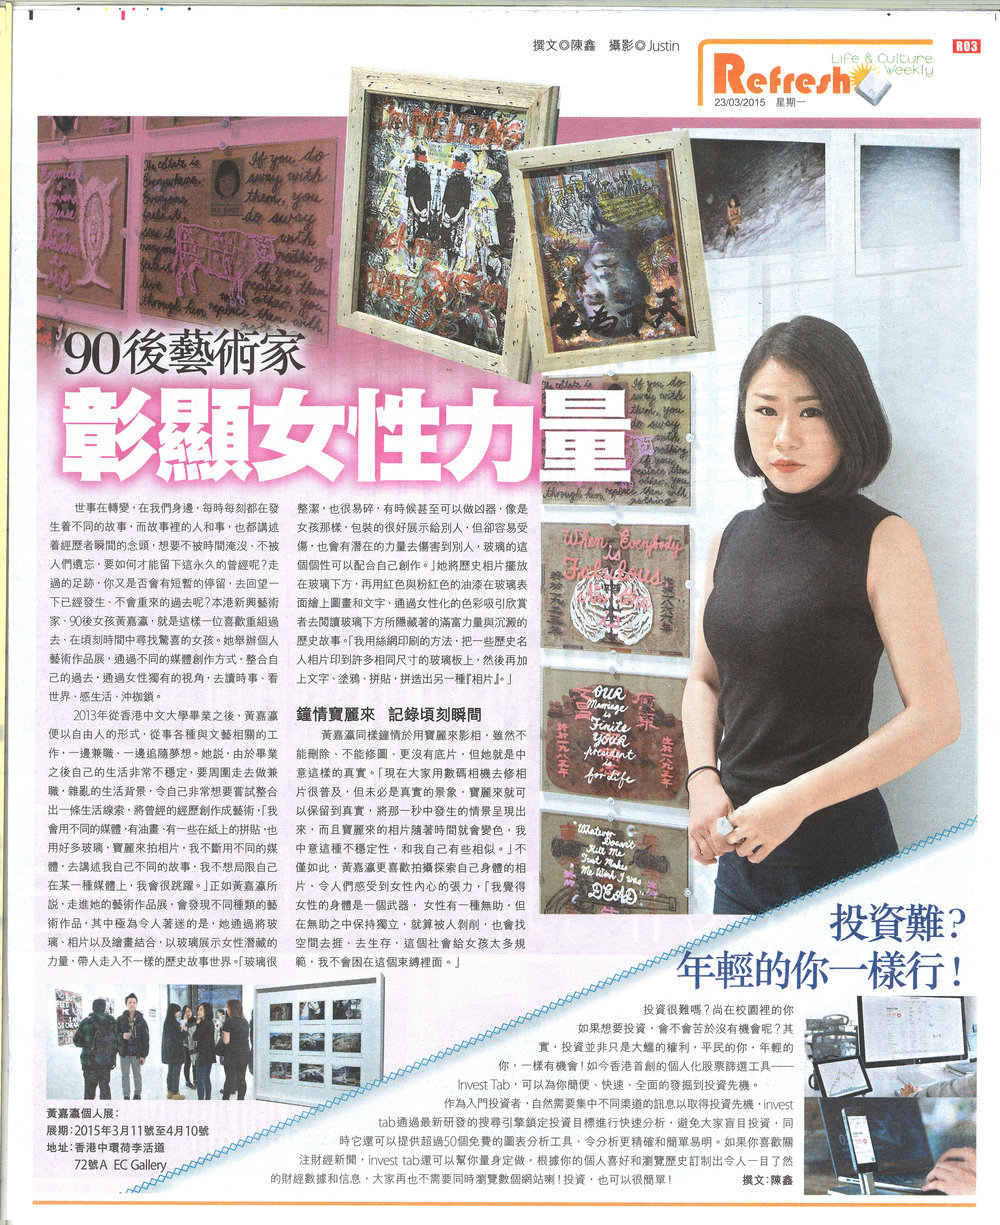 2015.03.23 90後藝術家 彰顯女性力量 (成報, 香港)